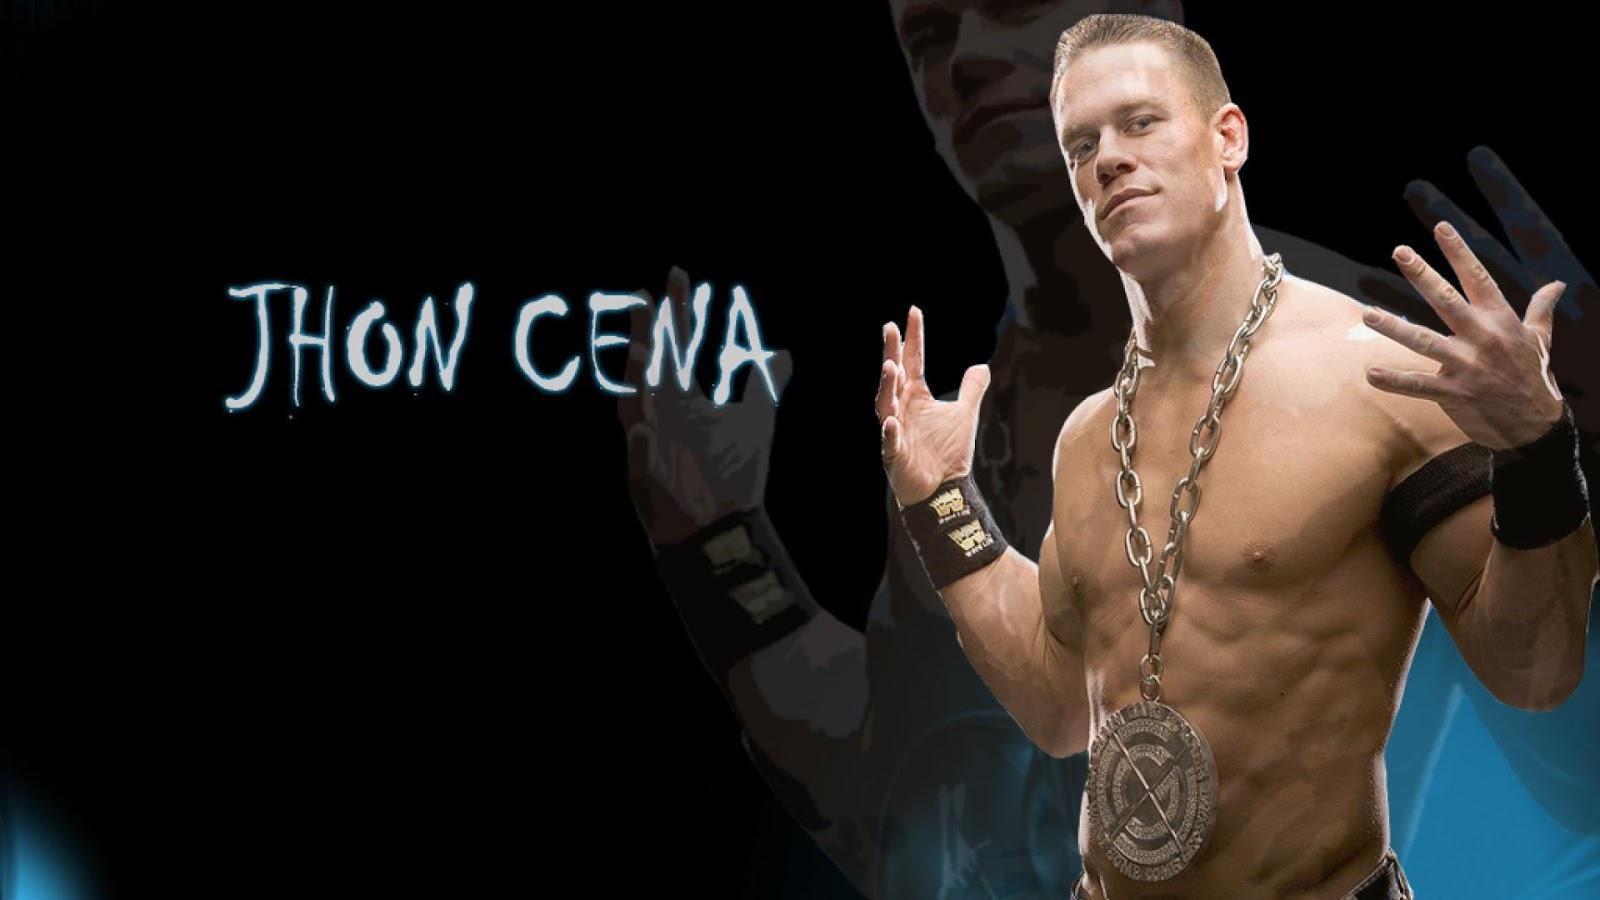 John Cena WWE Superstar 1920x1080 Wallpaper HD